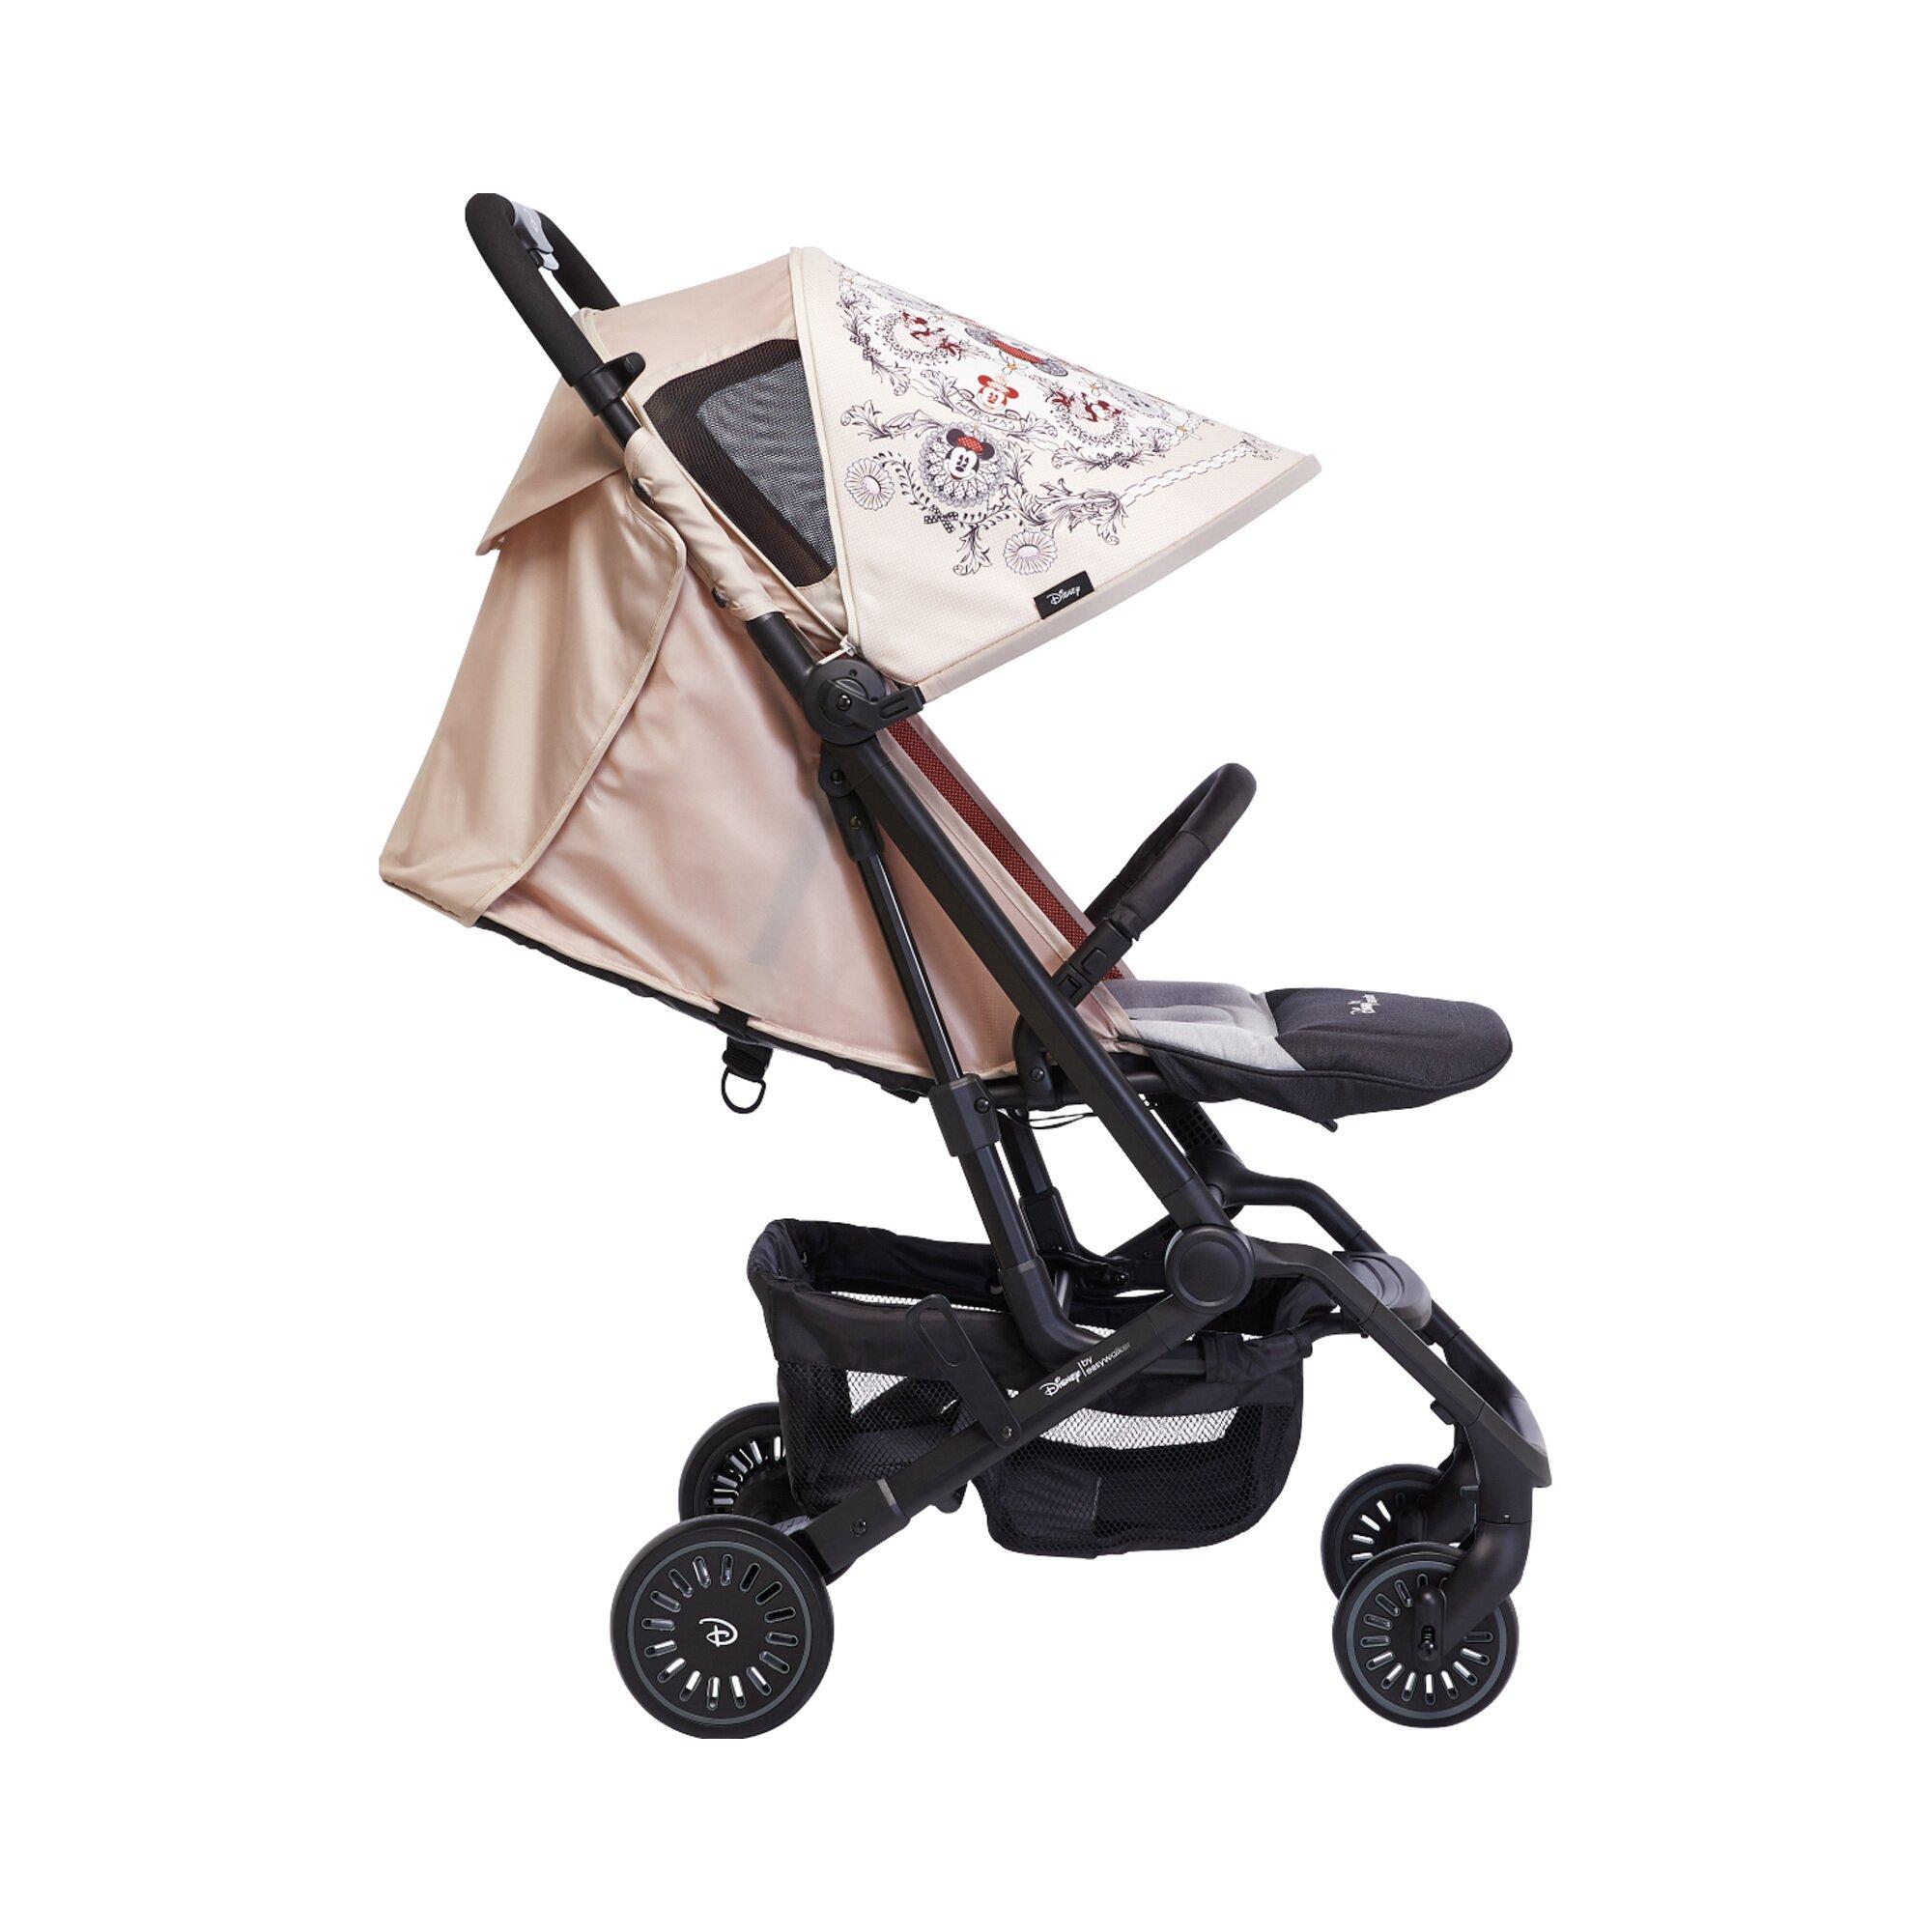 easywalker-buggy-xs-disney-mit-liegefunktion-rosa, 249.99 EUR @ babywalz-de